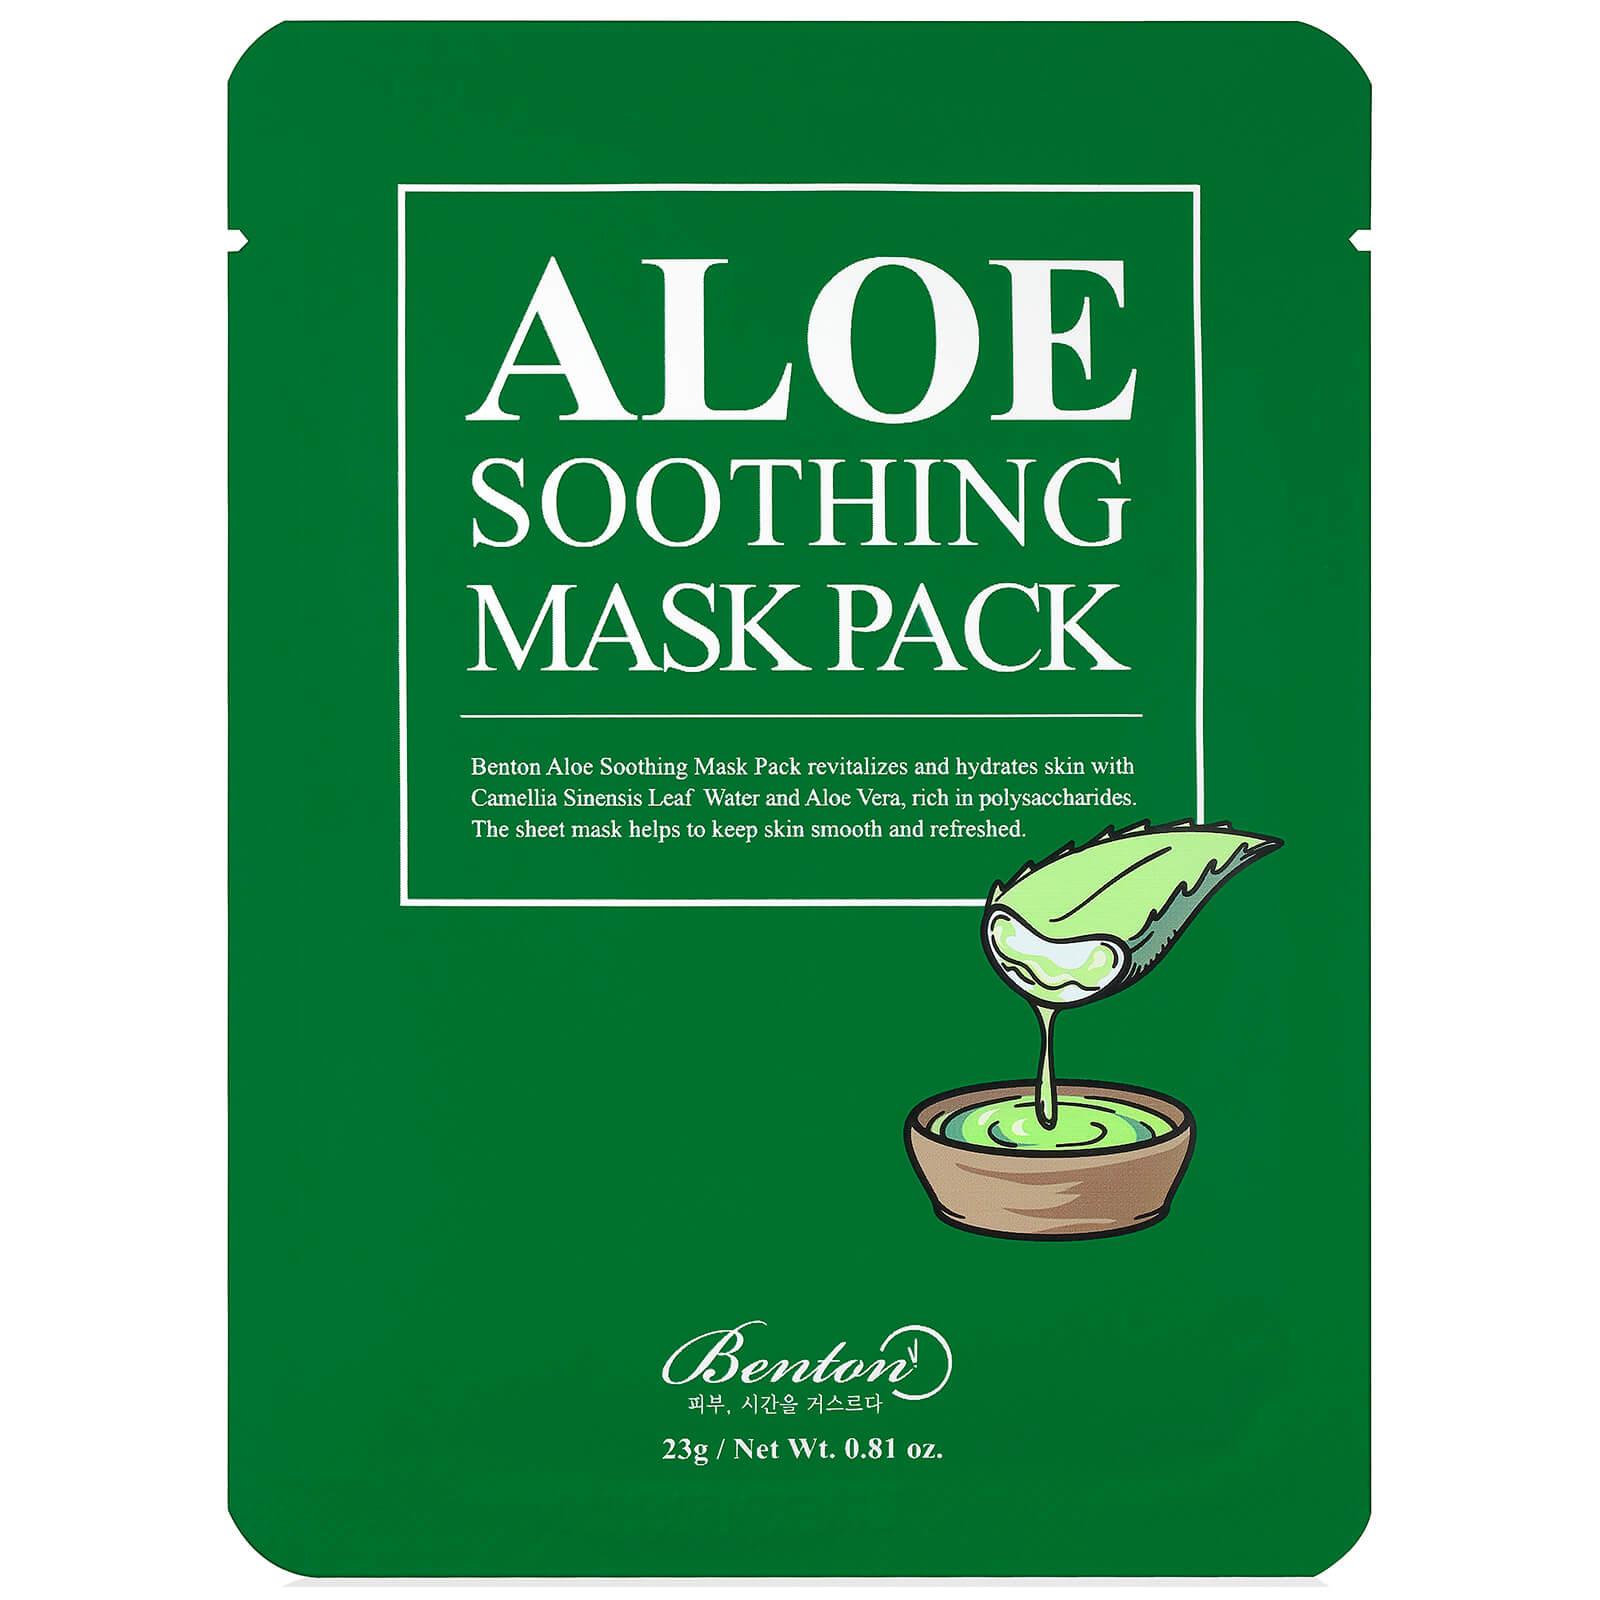 Купить Успокаивающая маска для лица Benton Aloe Soothing Mask Pack - 1 шт.